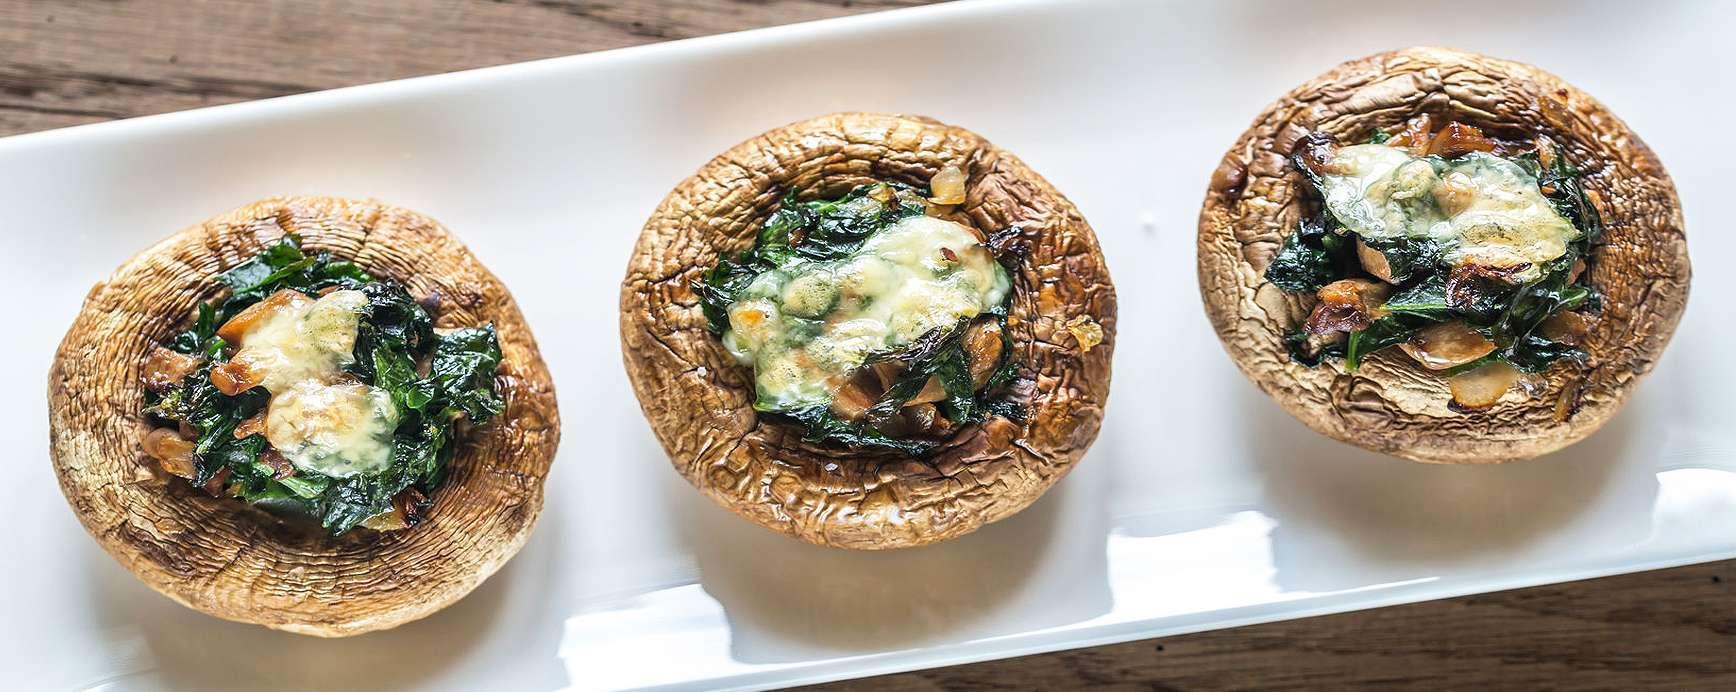 Champignons met een vulling van kruiden en kokos